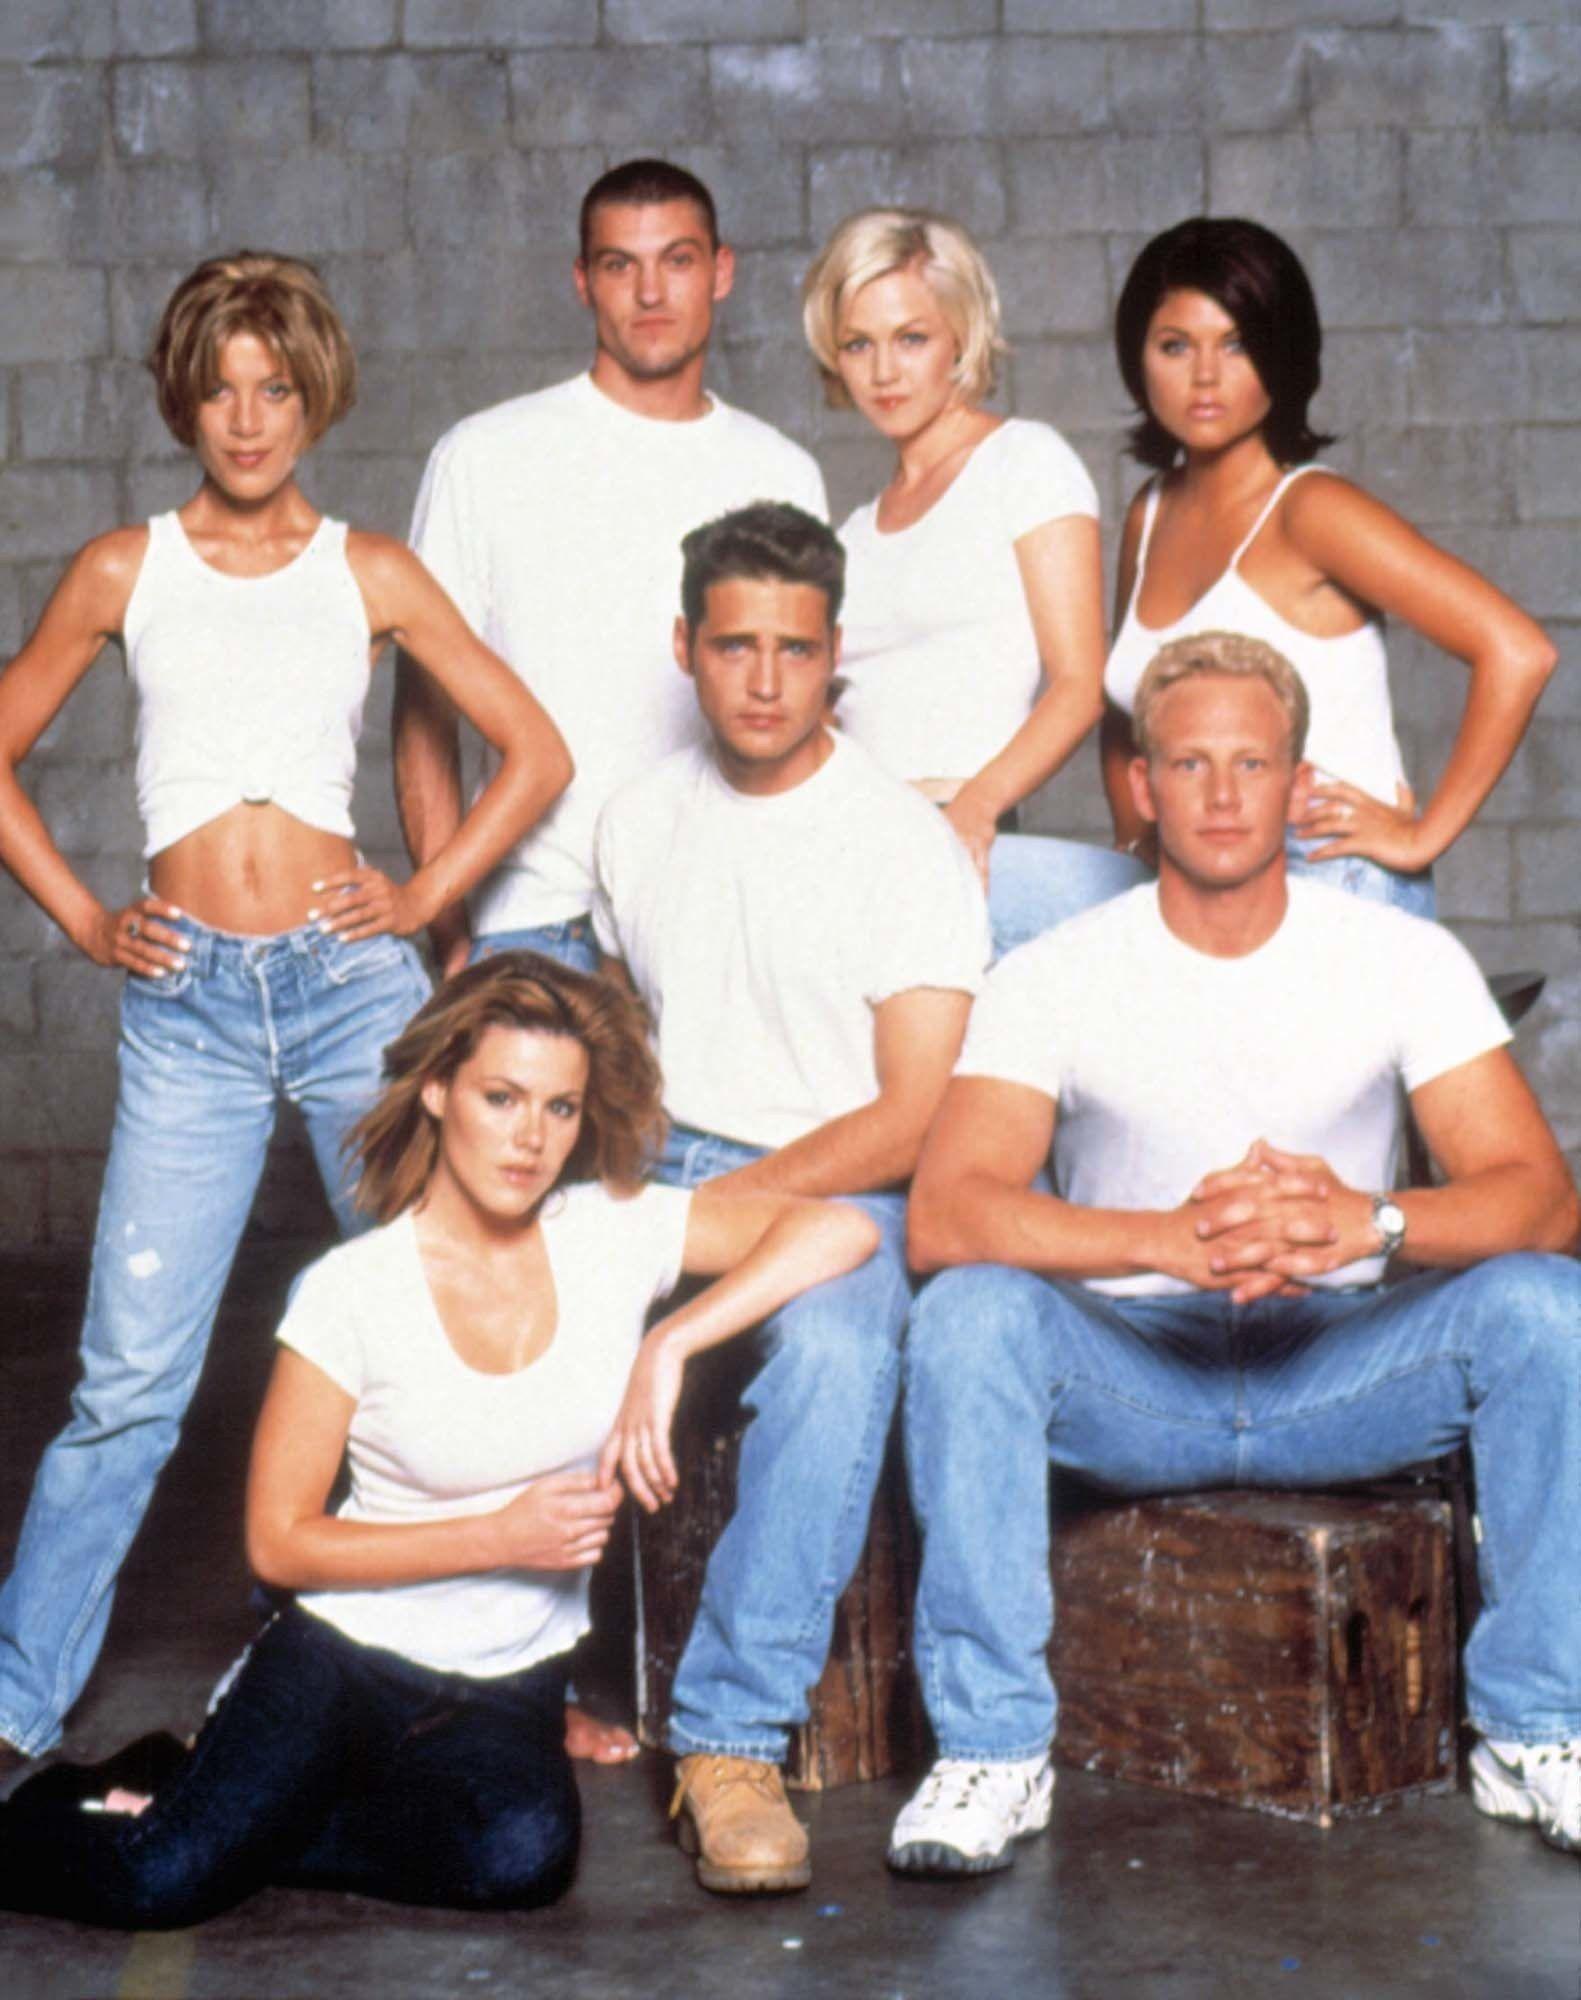 90210 season 1 episode 17 polly streaming